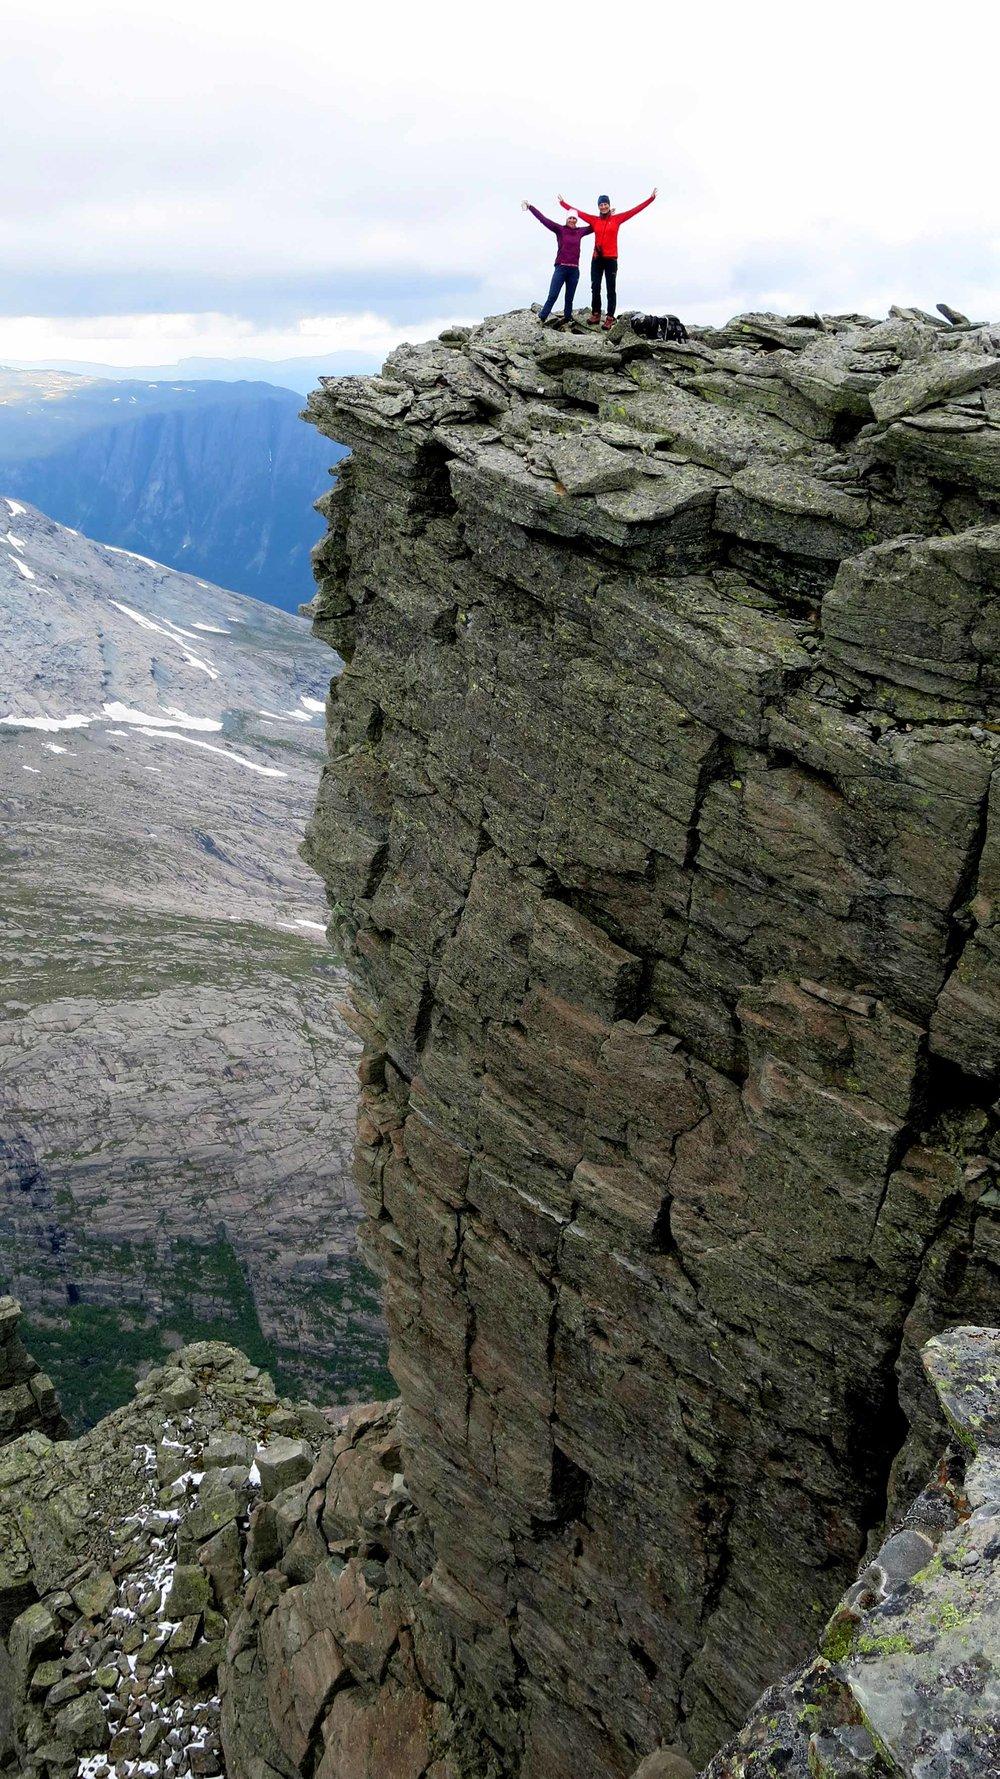 Galleriet på Gjegnen er ein 1000 meter høg preikestol.